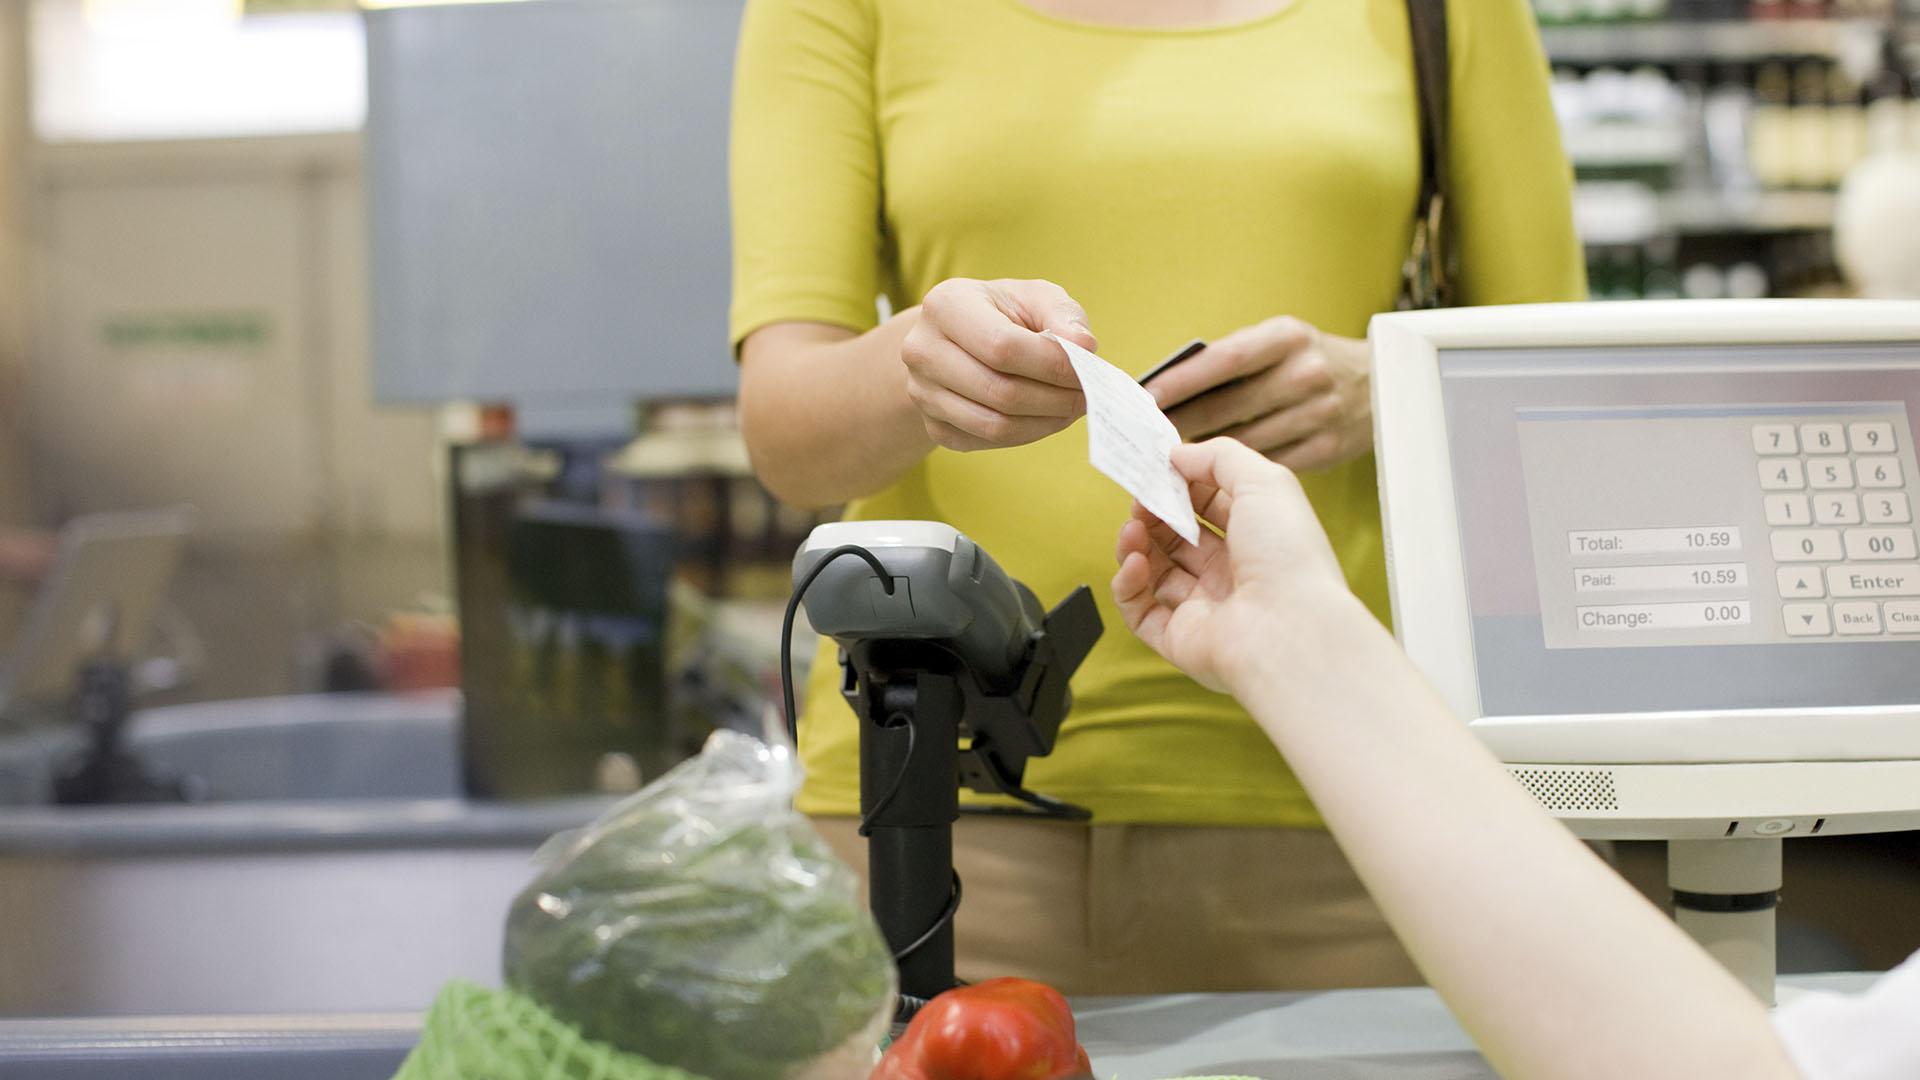 Se puede extraer efectivo en supermercados, farmacias y otros comercios (Getty)